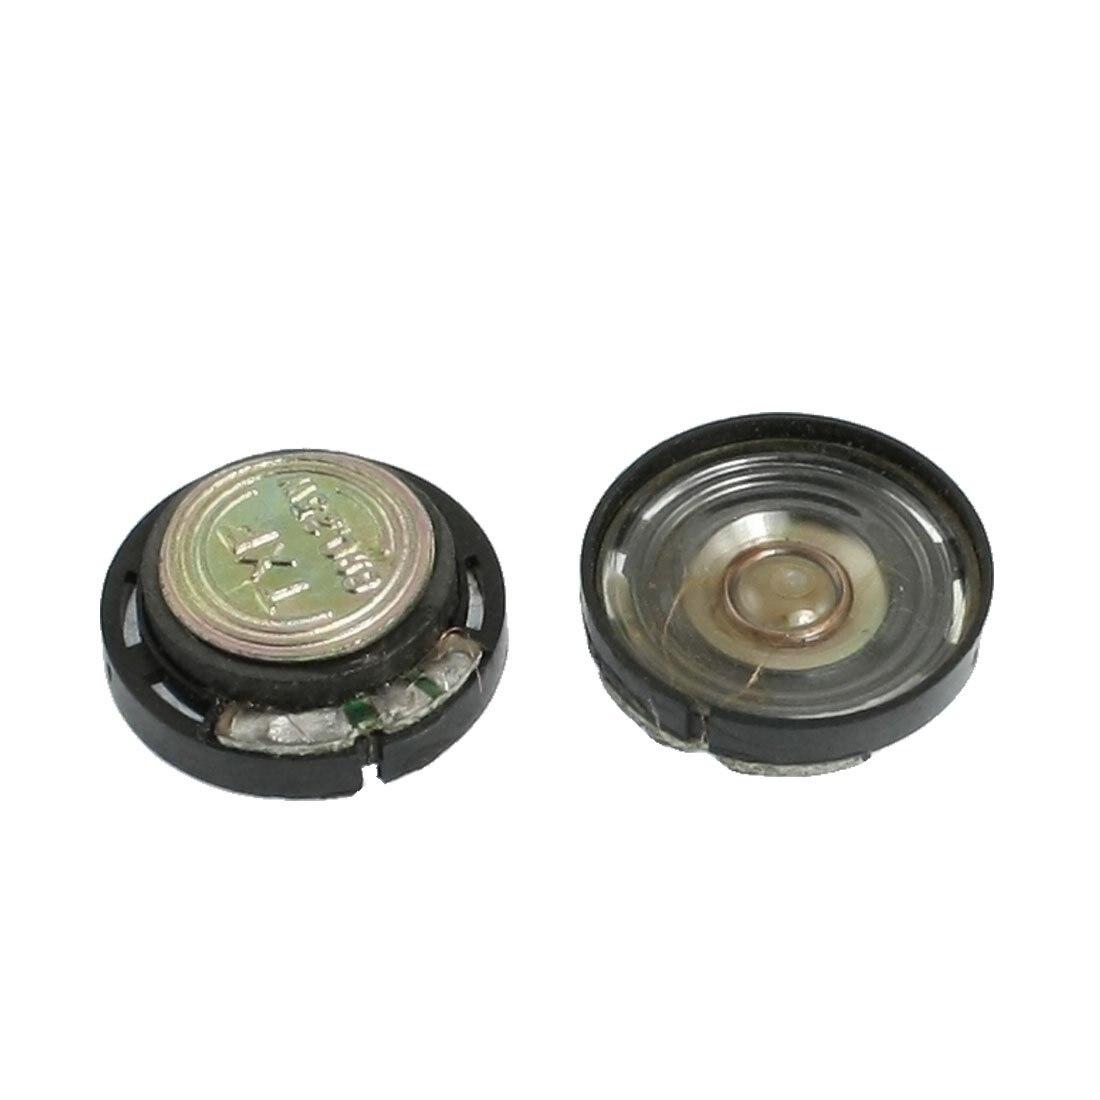 ETC-20mm 자기 형 라운드 플라스틱 쉘 스피커 8 옴 0.25 와트 2 개